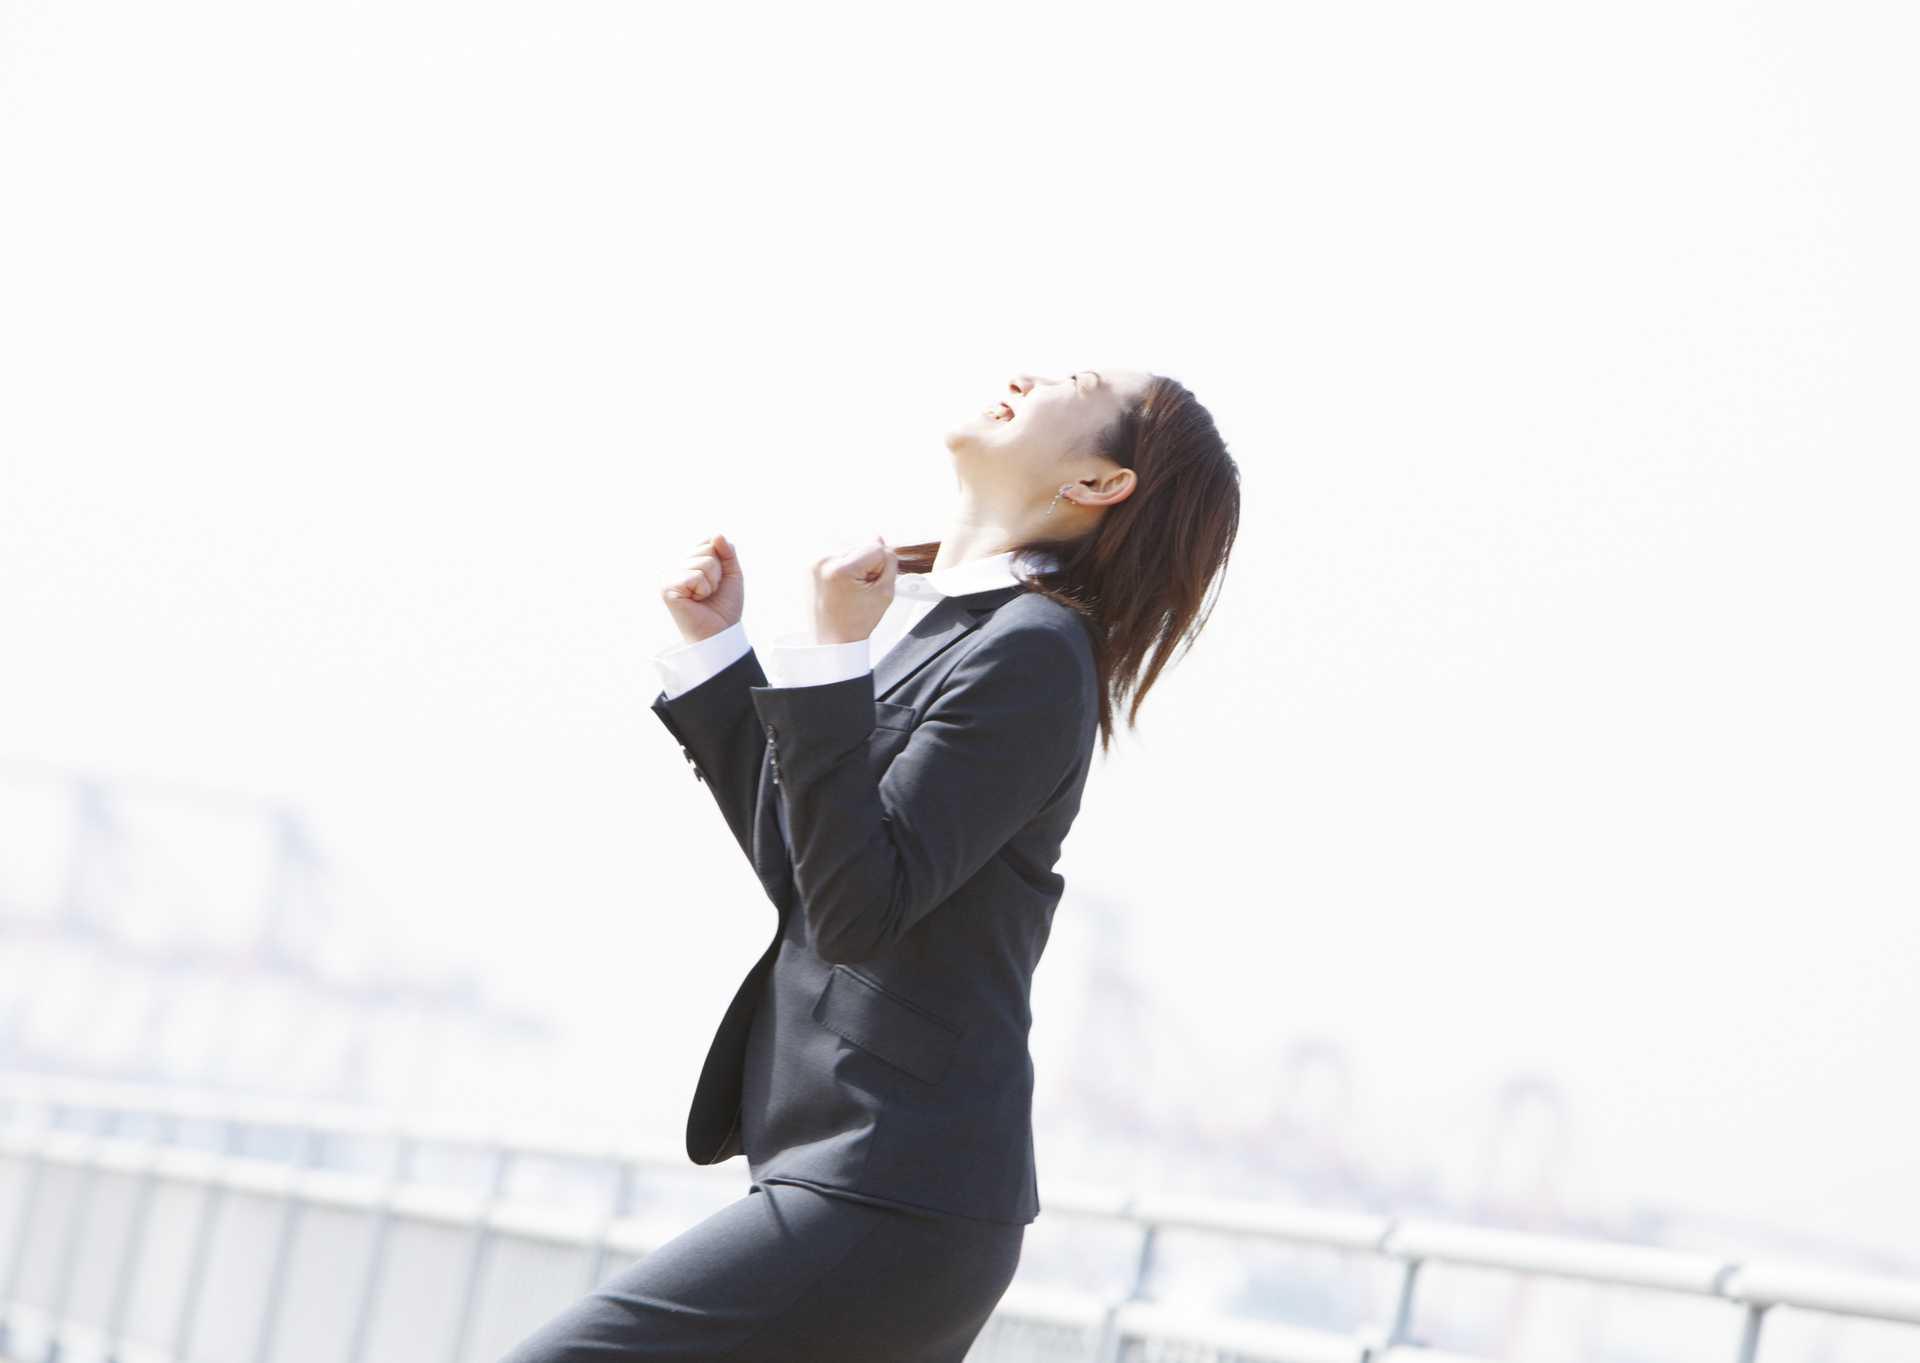 実際の成功体験ほど、やる気の出ることはない。 | やる気を出す30の方法